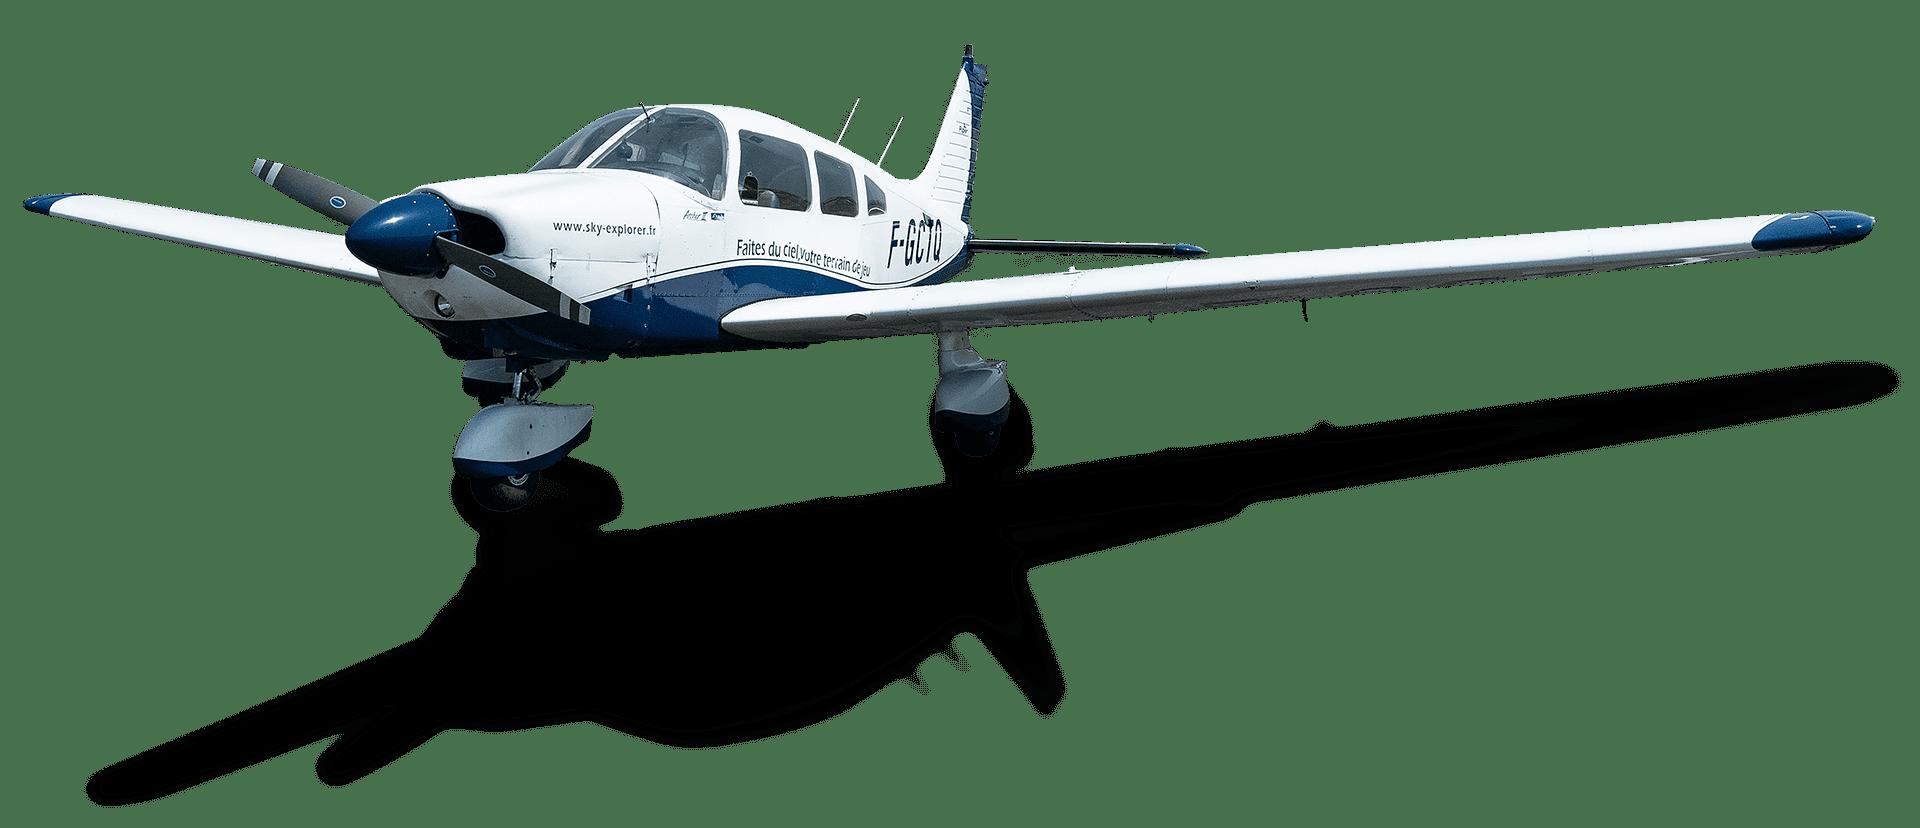 Piper Pa-28 Archer 2 181 (F-GCTQ) Sky Explorer Ecole Aviation Aix Les Milles